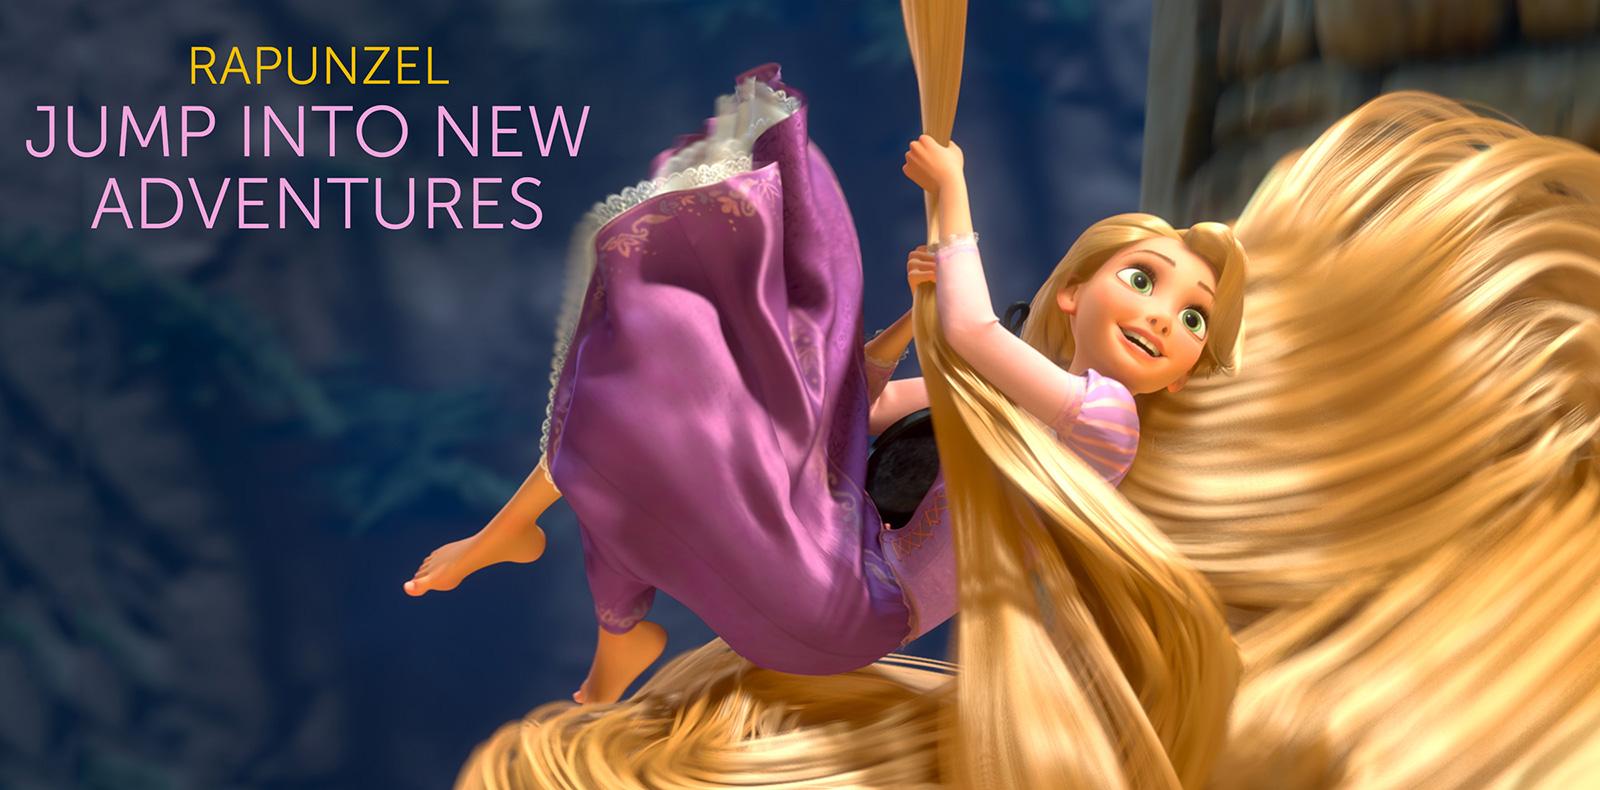 Hd Wallpaper Little Girls Wedding Rapunzel Disney Princess